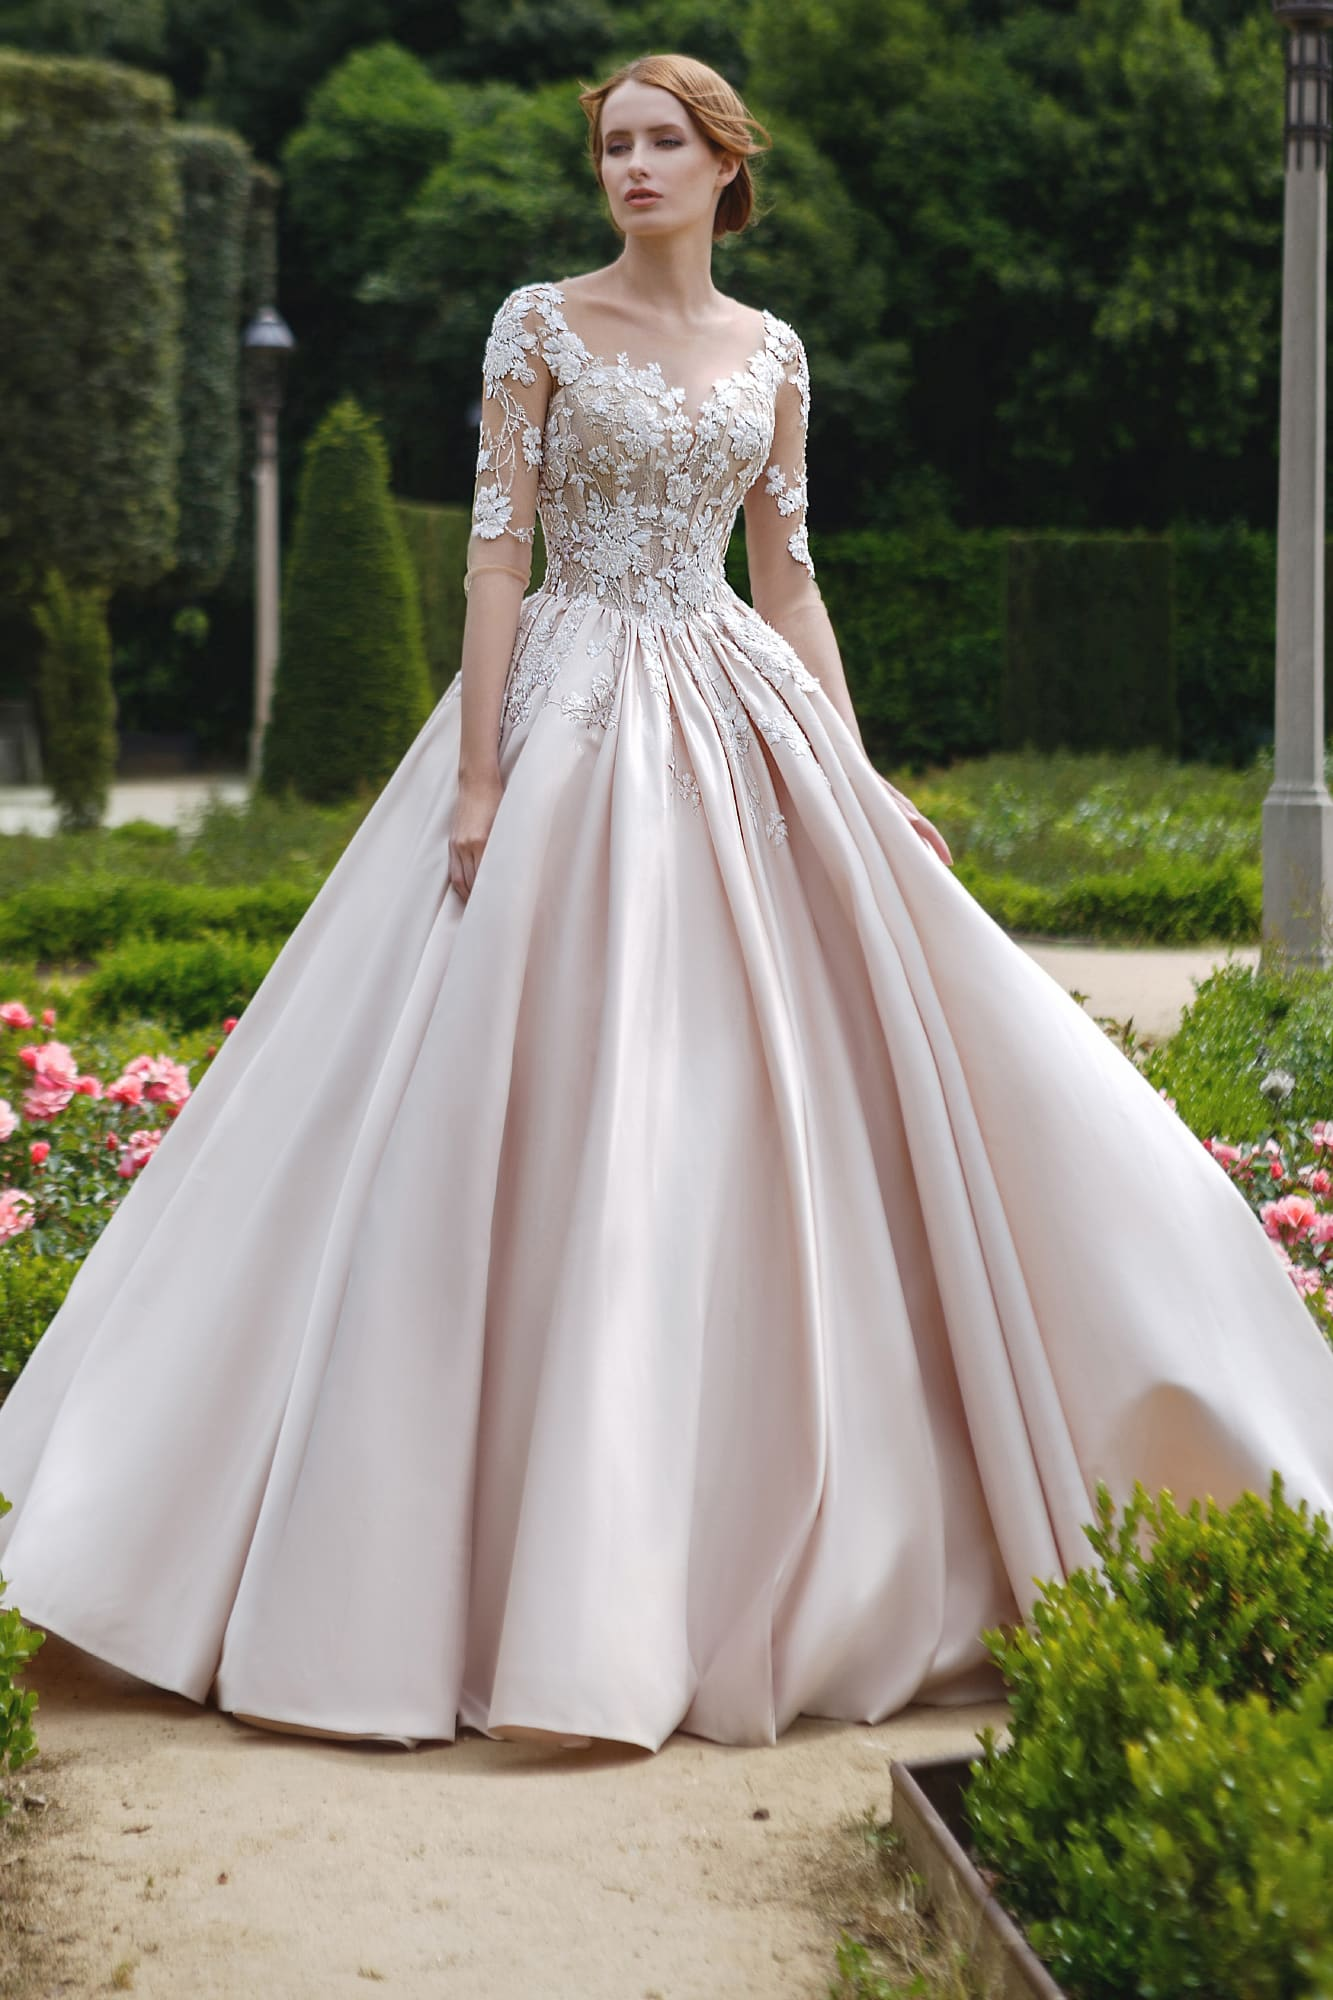 093b04b186d Очаровательное свадебное платье с кружевным декором и пышной атласной юбкой.